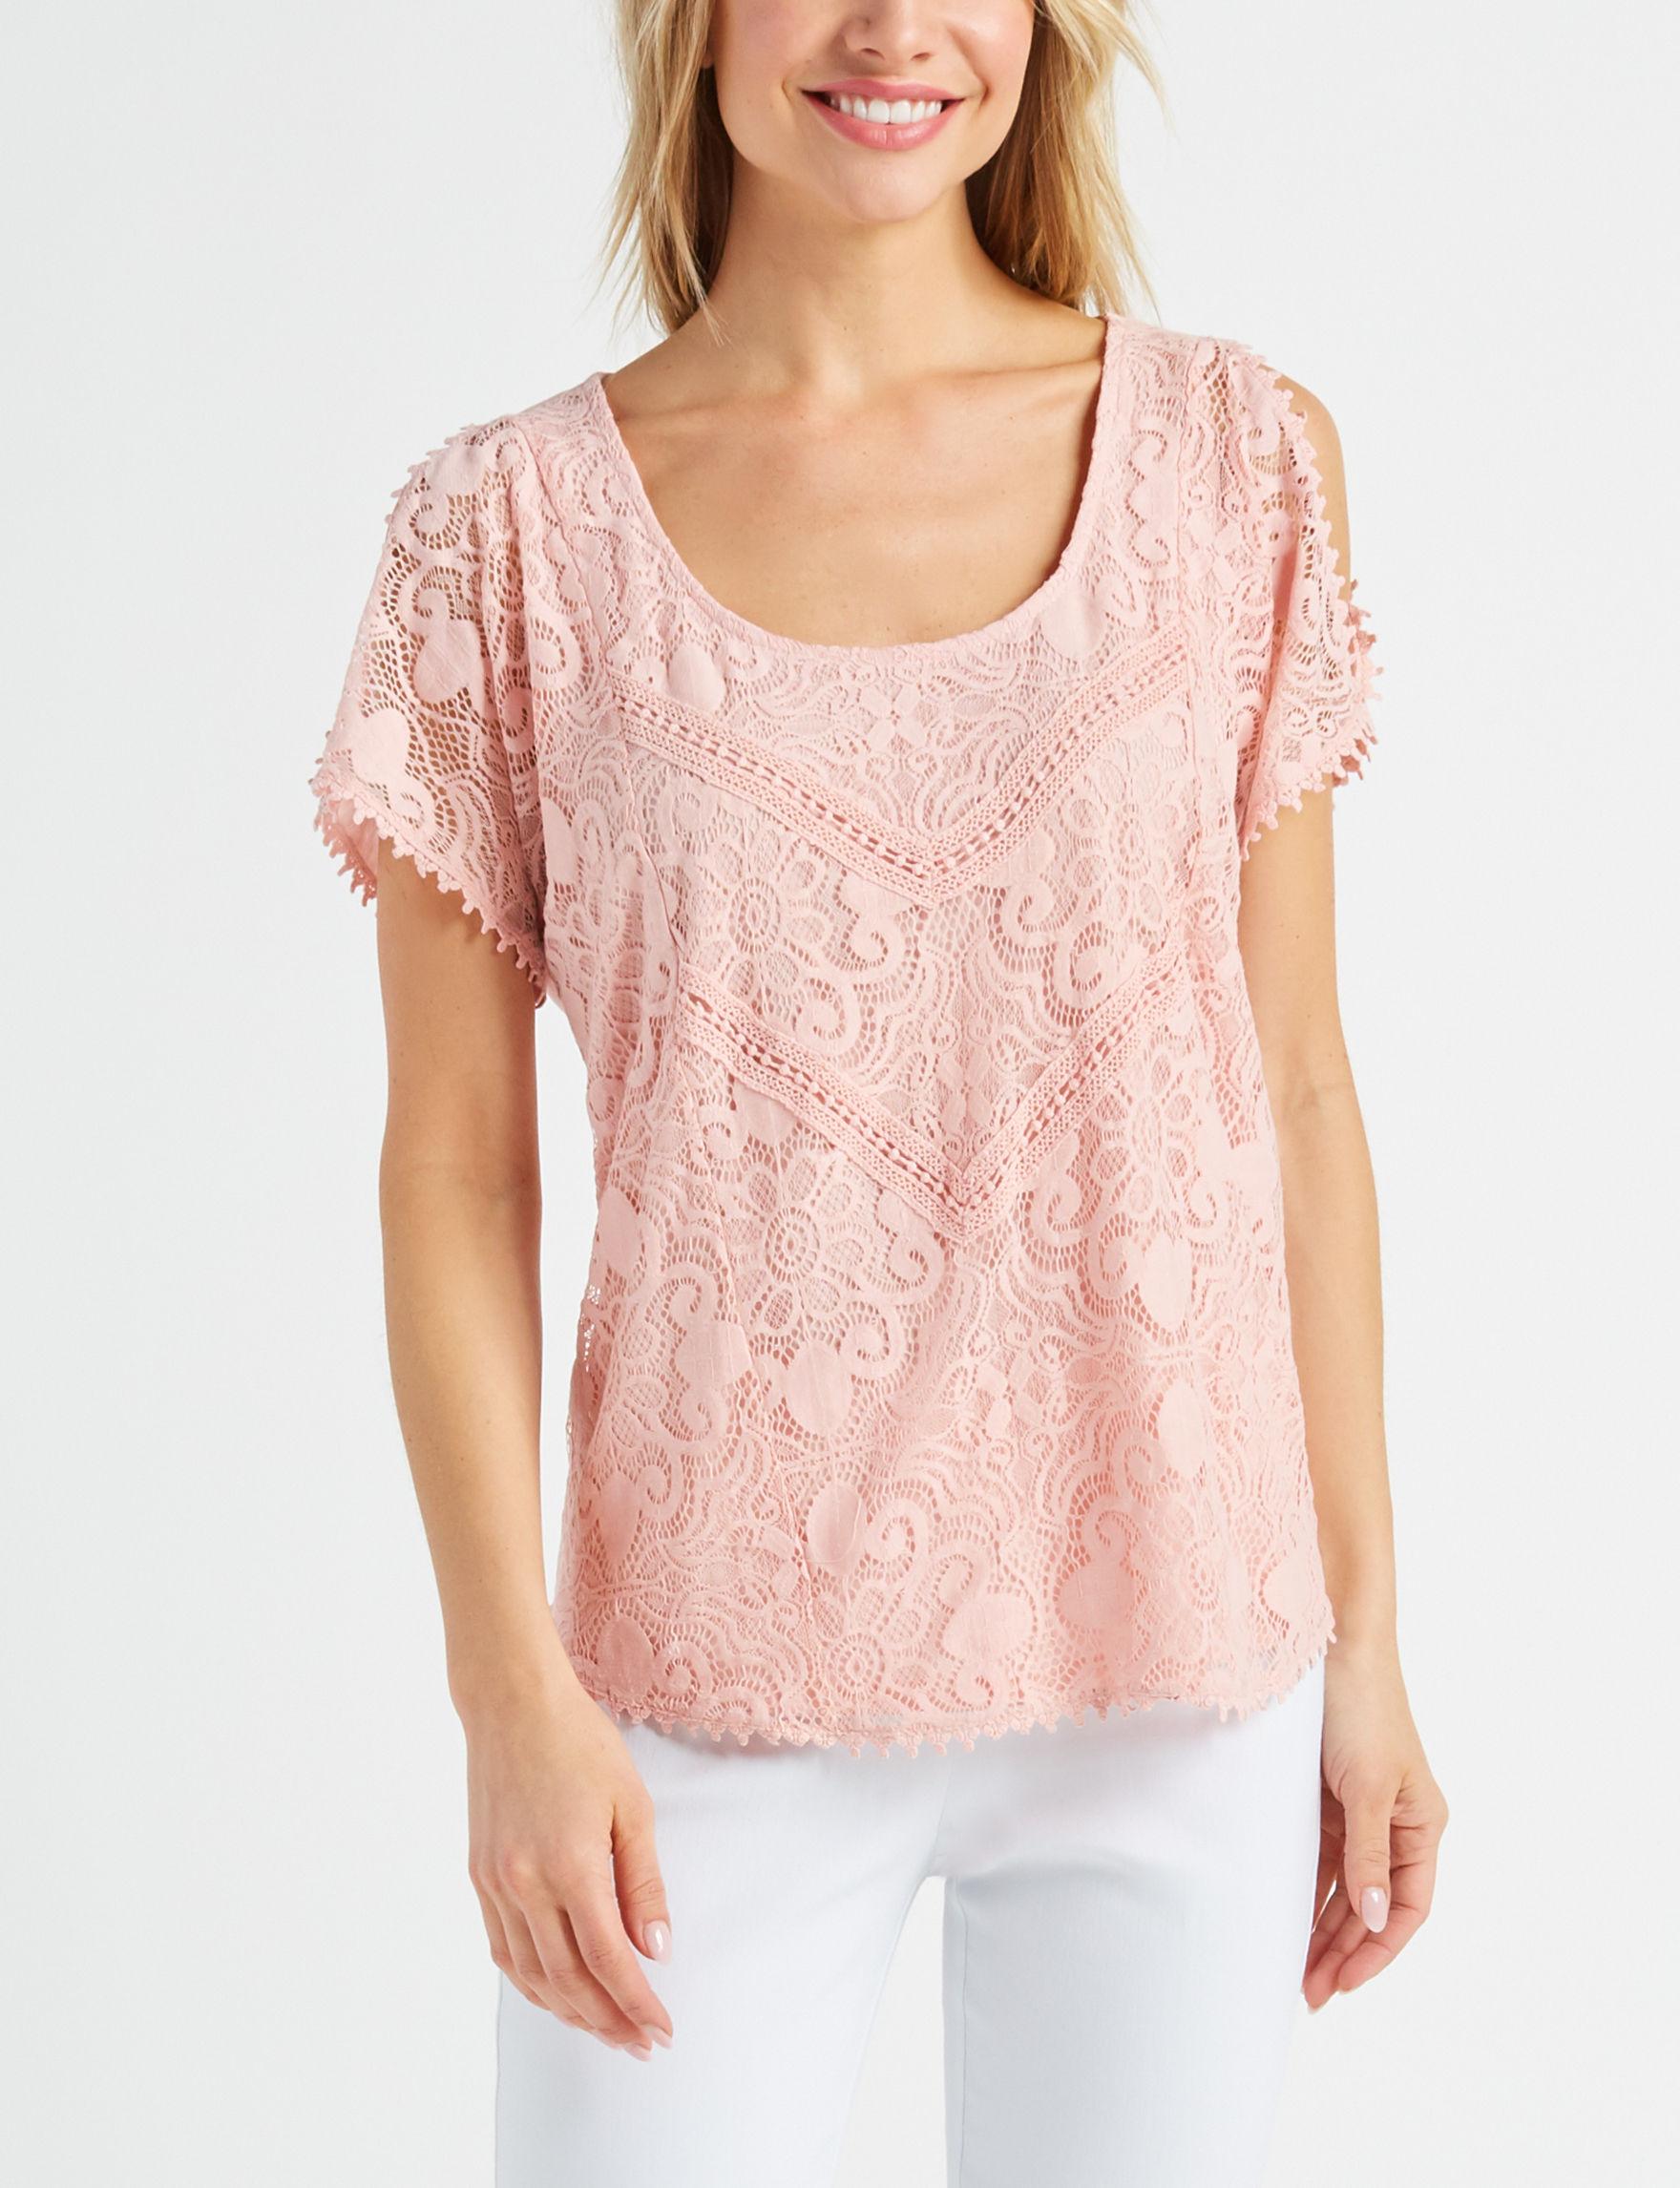 Signature Studio Blush Shirts & Blouses